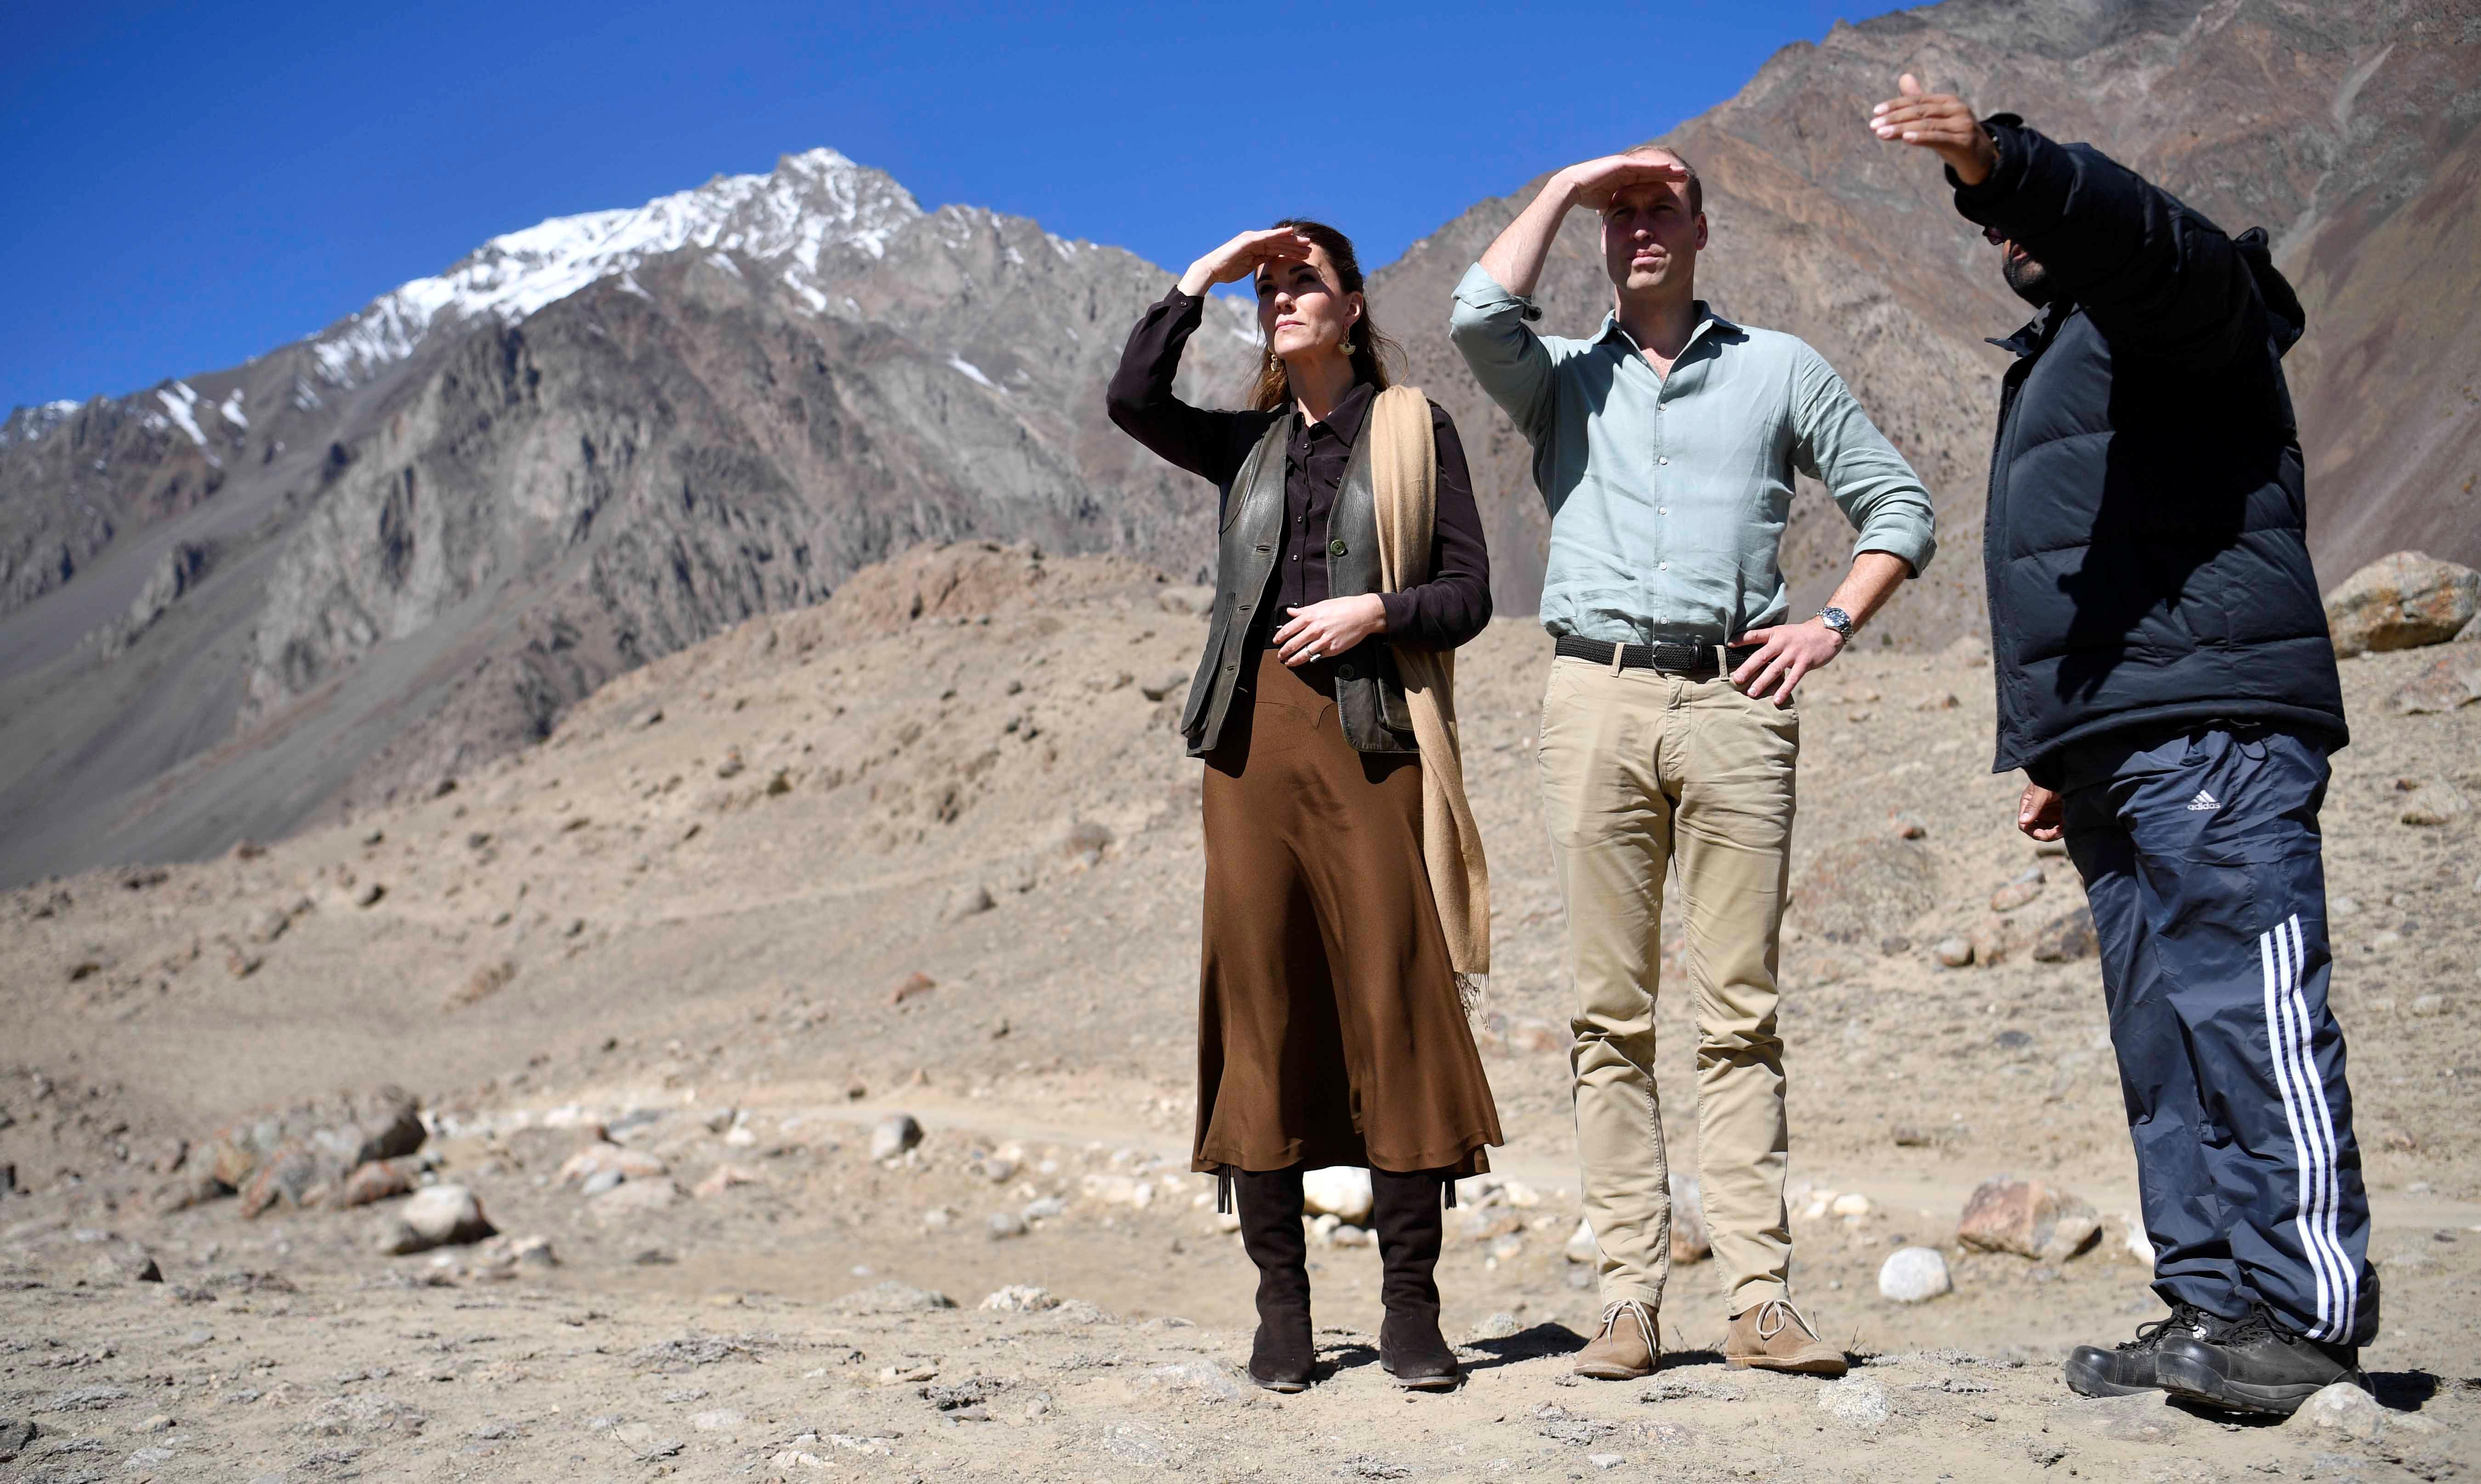 الأمير ويليام و زوجته كيت بجبال هندو كوش بباكستان